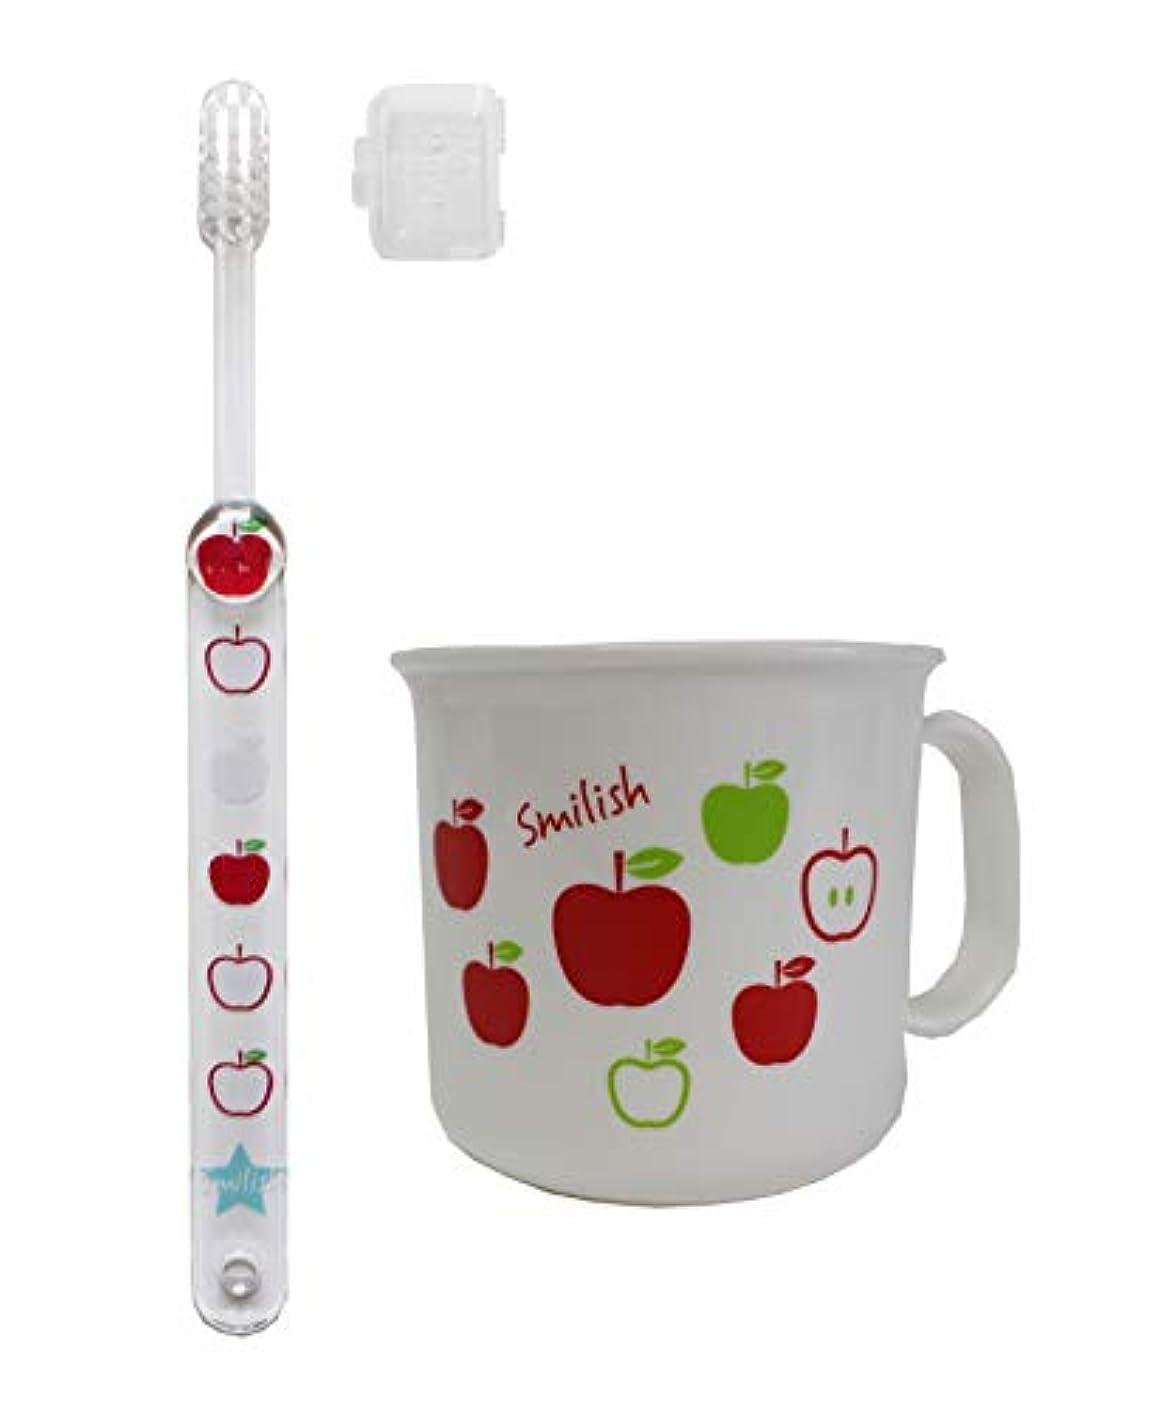 破壊鬼ごっこ構想する子ども歯ブラシ(キャップ付き) 耐熱コップセット アップル